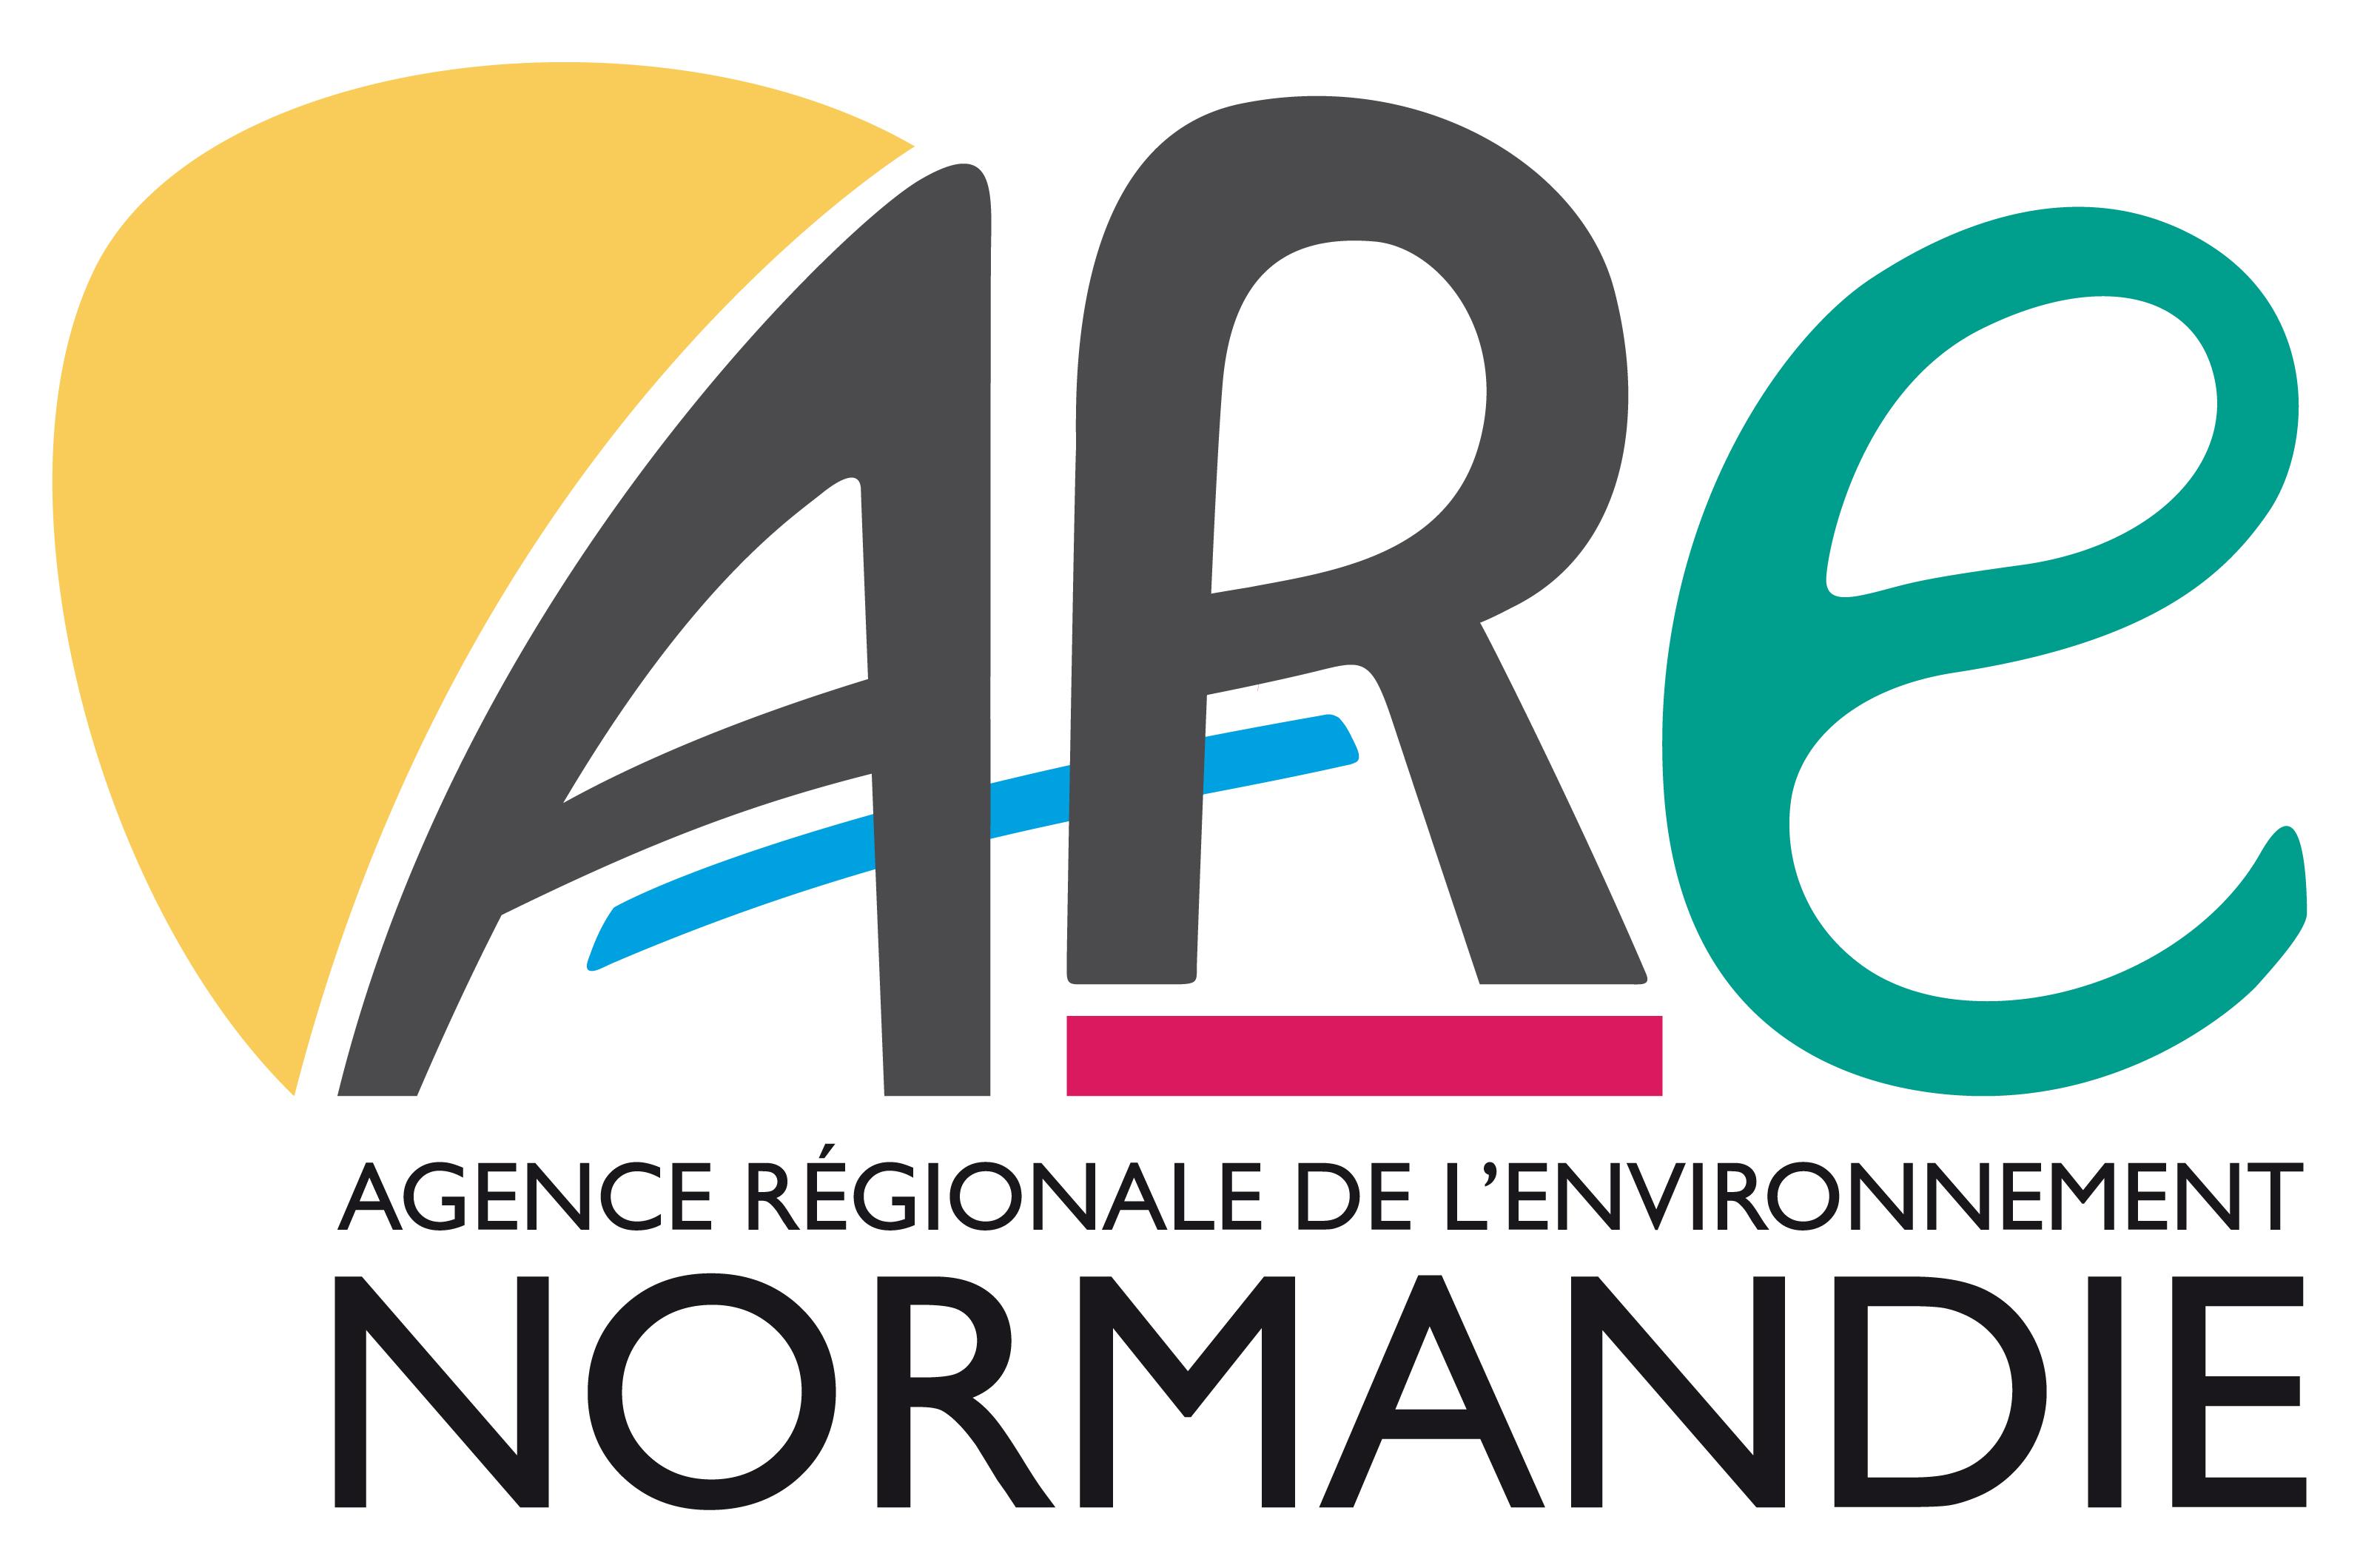 AGENCE RÉGIONALE DE L'ENVIRONNEMENT (ARE) NORMANDIE